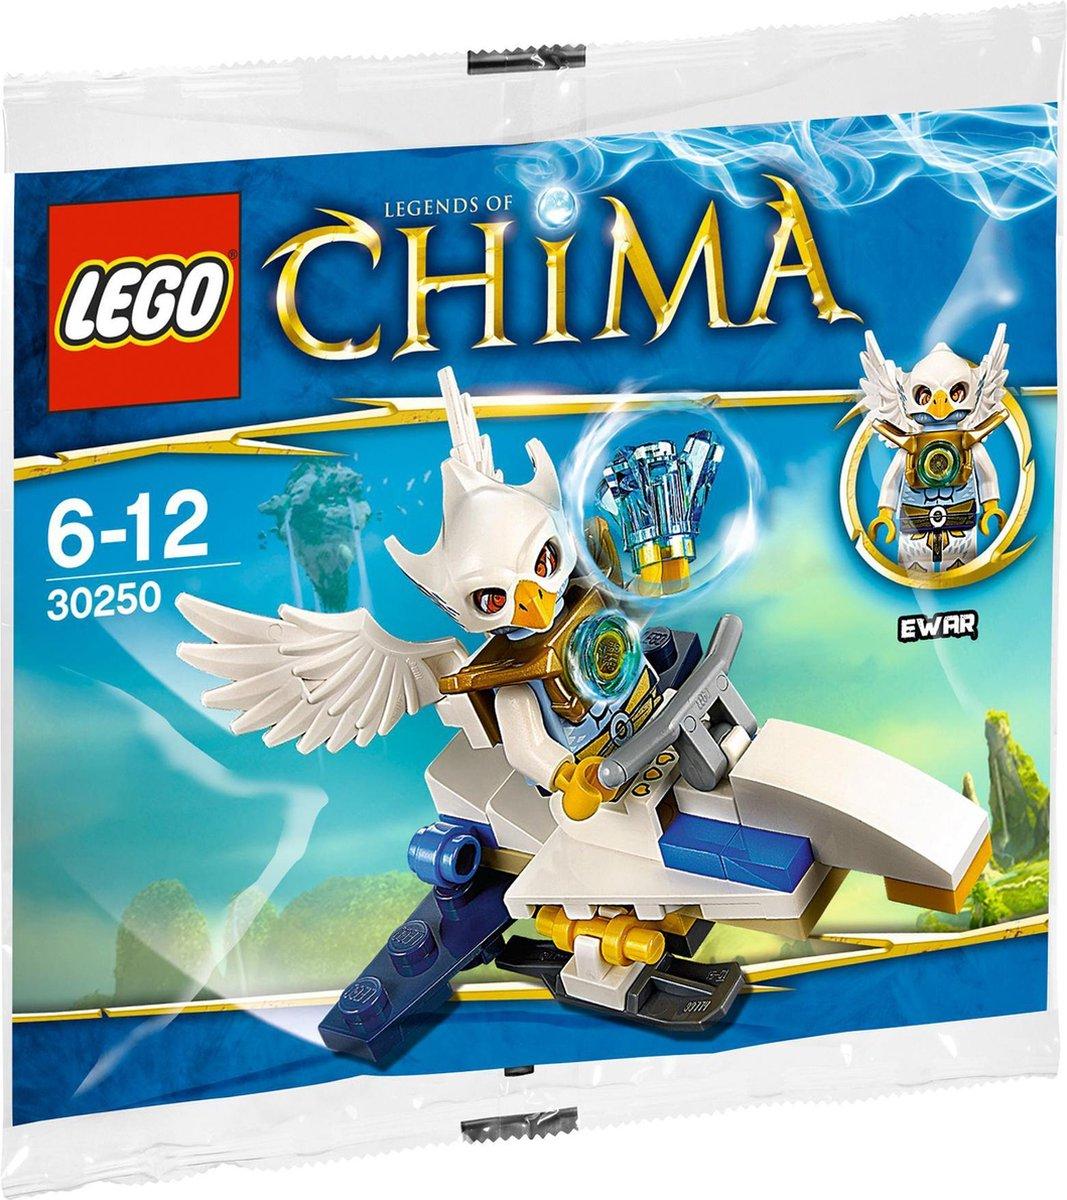 LEGO Chima Awar